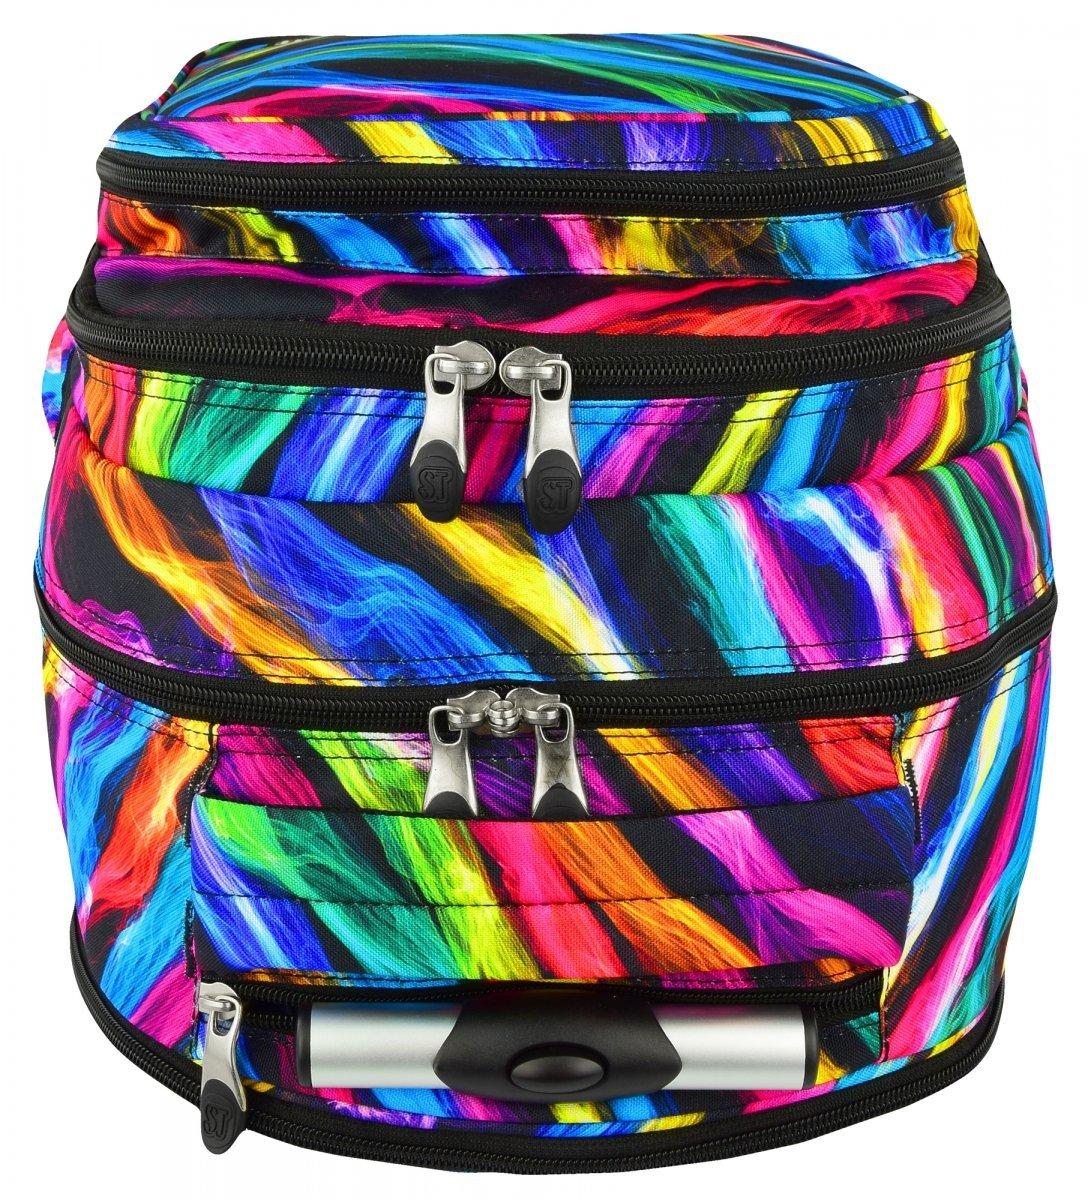 99abc3b89549b Plecak szkolny młodzieżowy na kółkach ST.RIGHT w kolorowe smugi ...